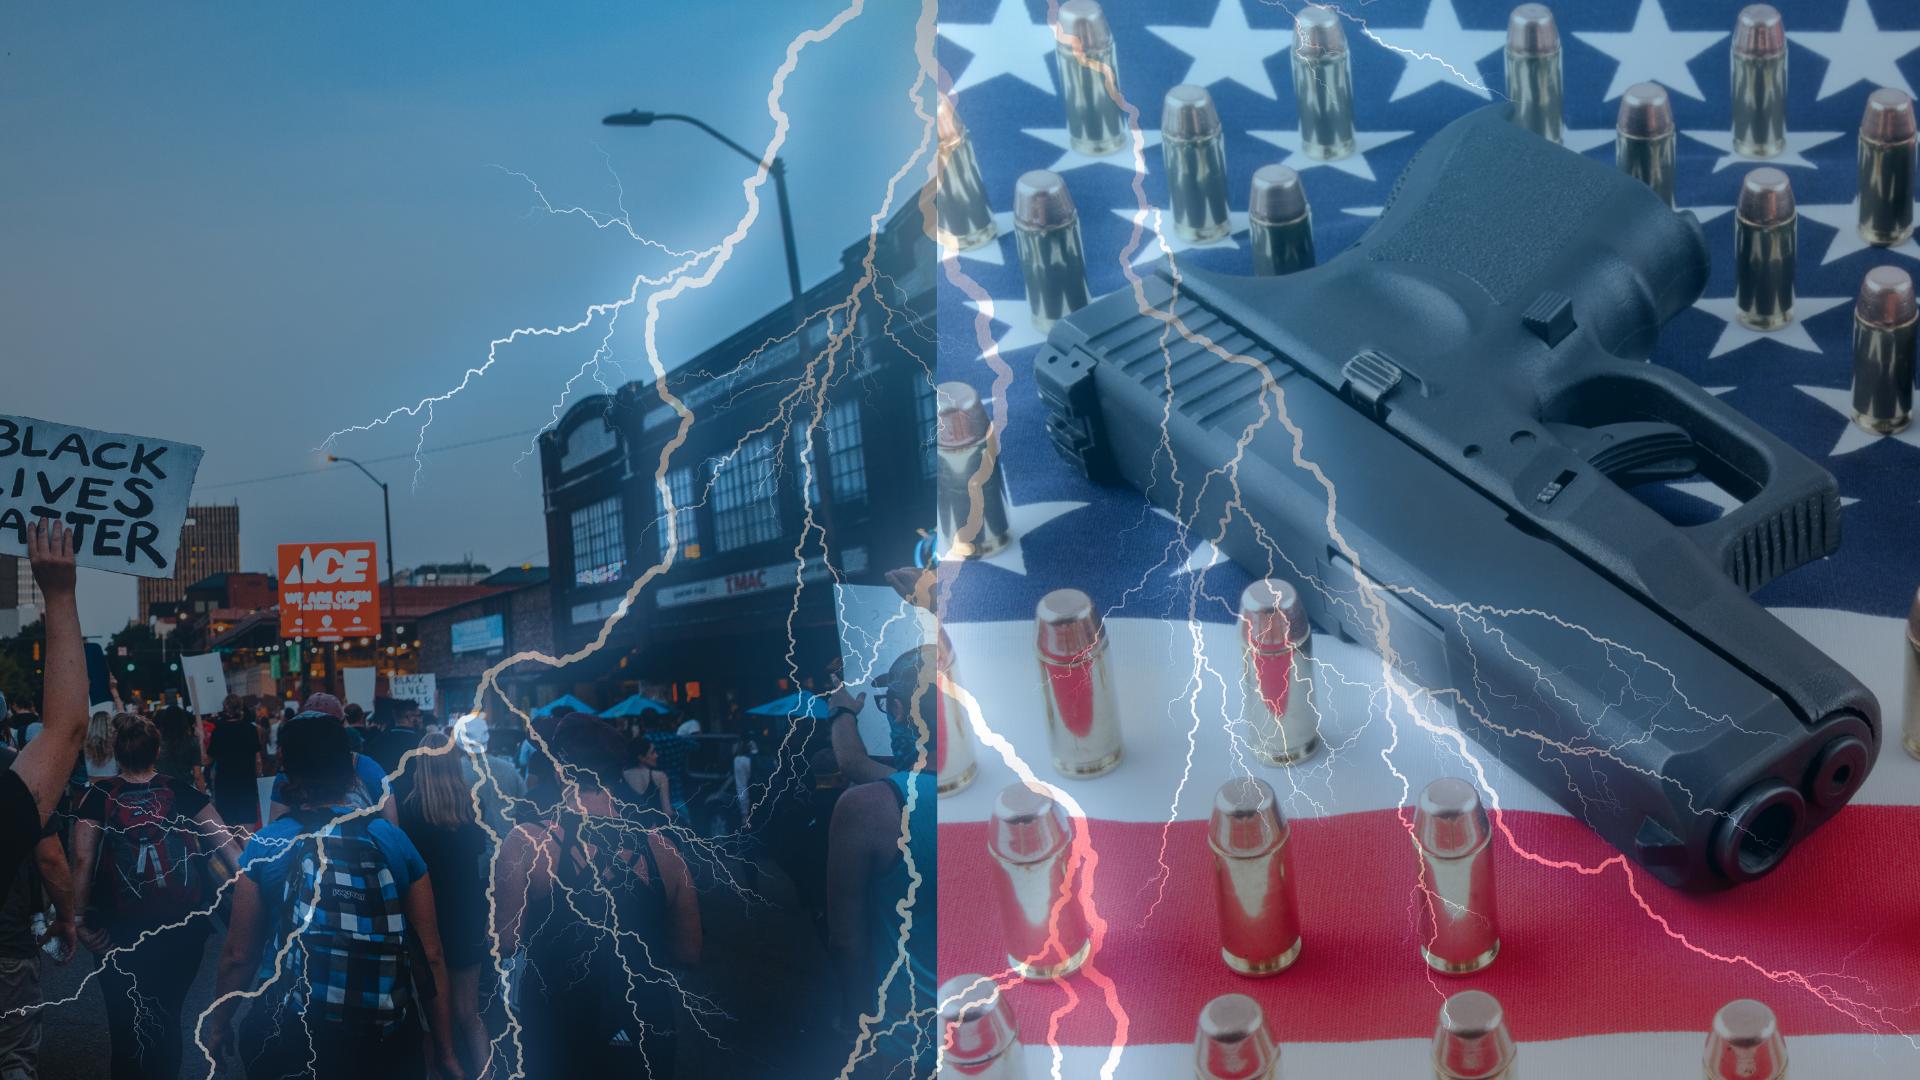 Clash of The Titans - 1st Amendment vs. 2nd Amendment During Protests